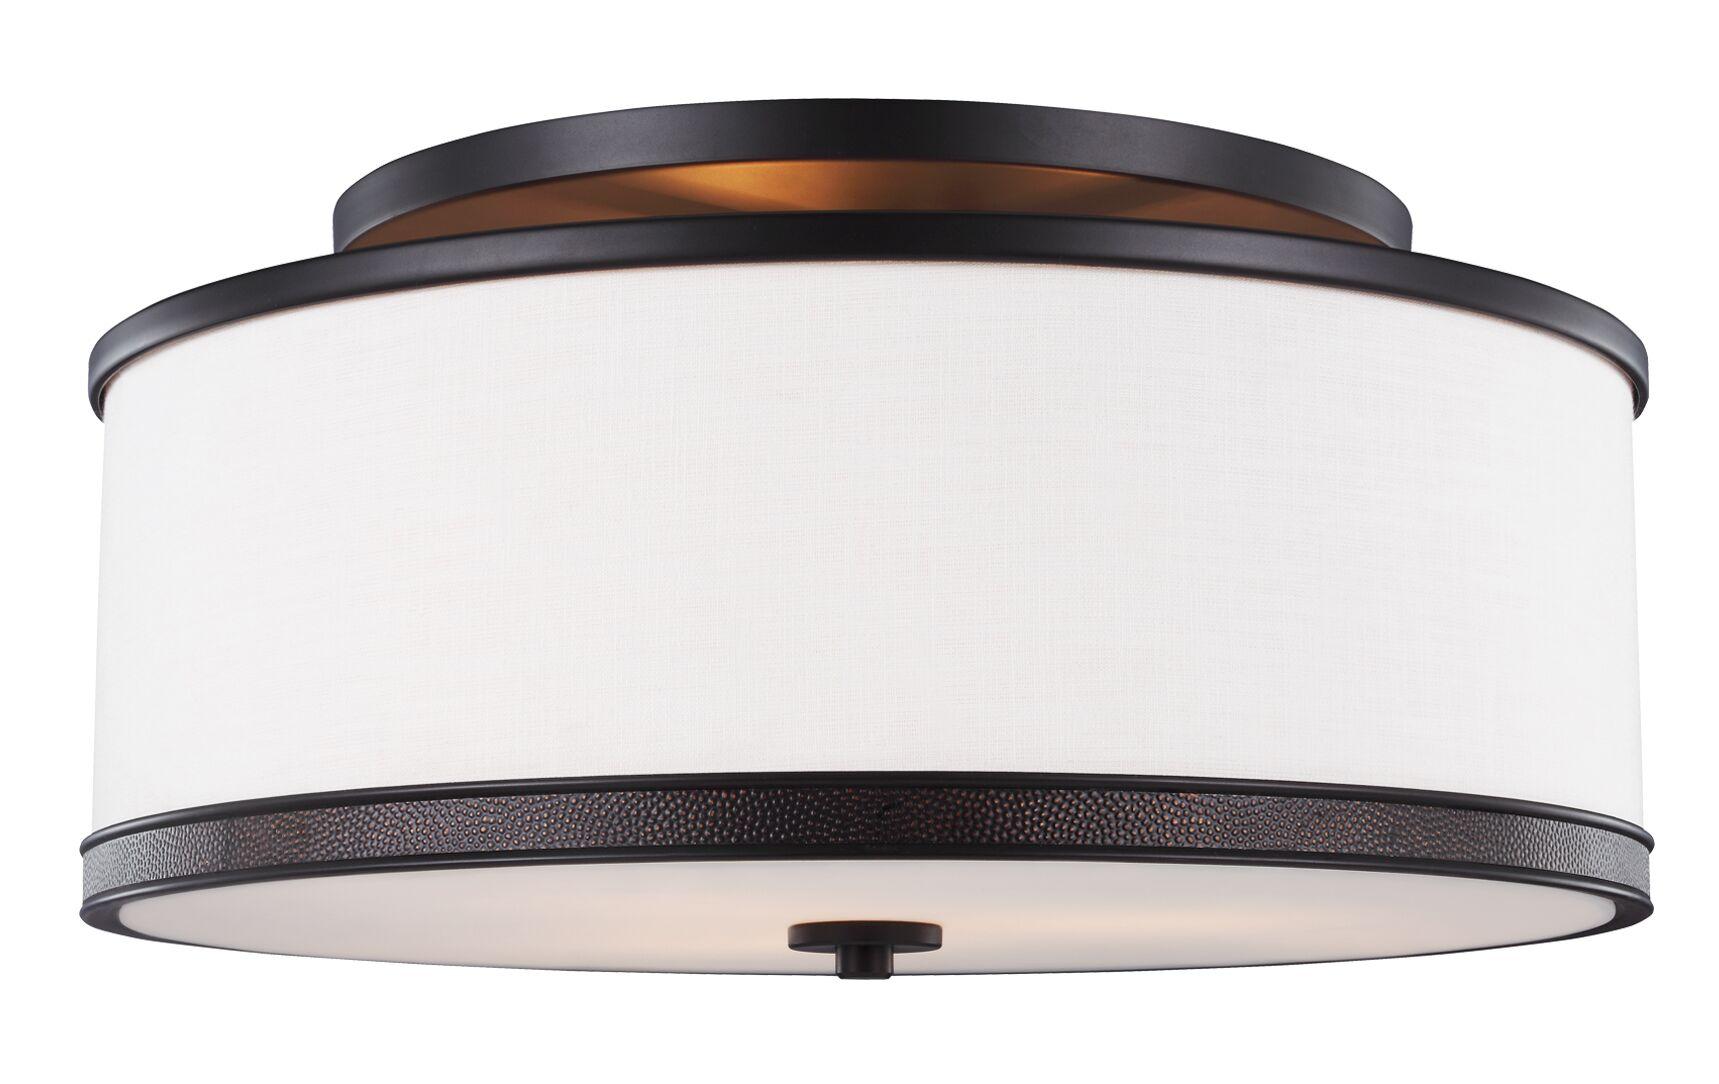 Oneal 3-Light Semi Flush Mount